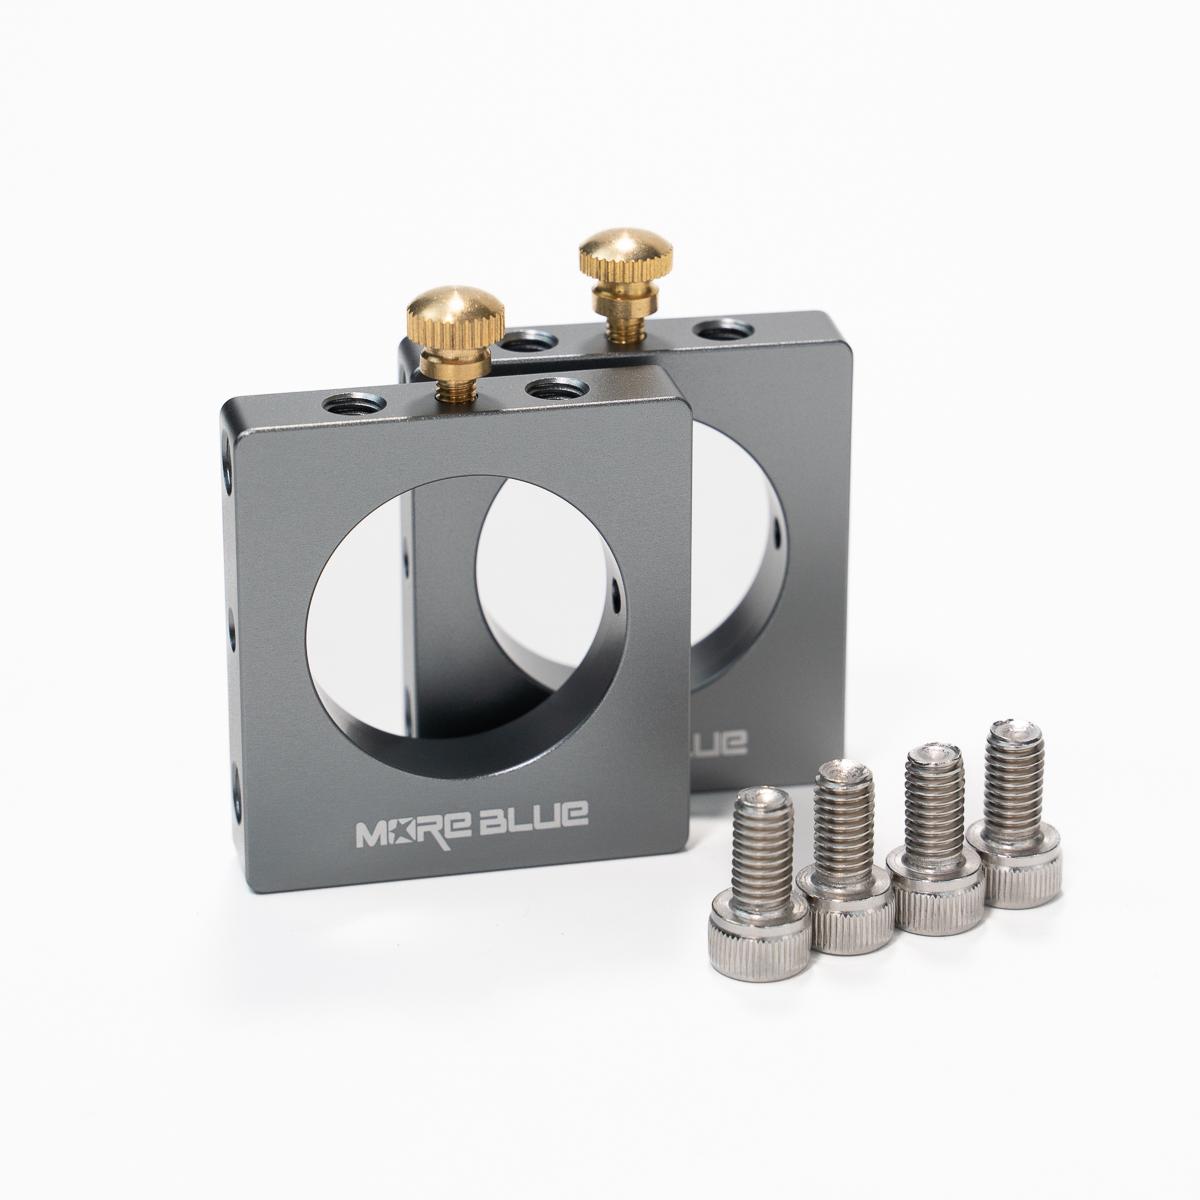 TB001-内径31.7mm 1.25インチ鏡筒バンド ガイドスコープバンド CCDバンド クリックポスト送料一律200円